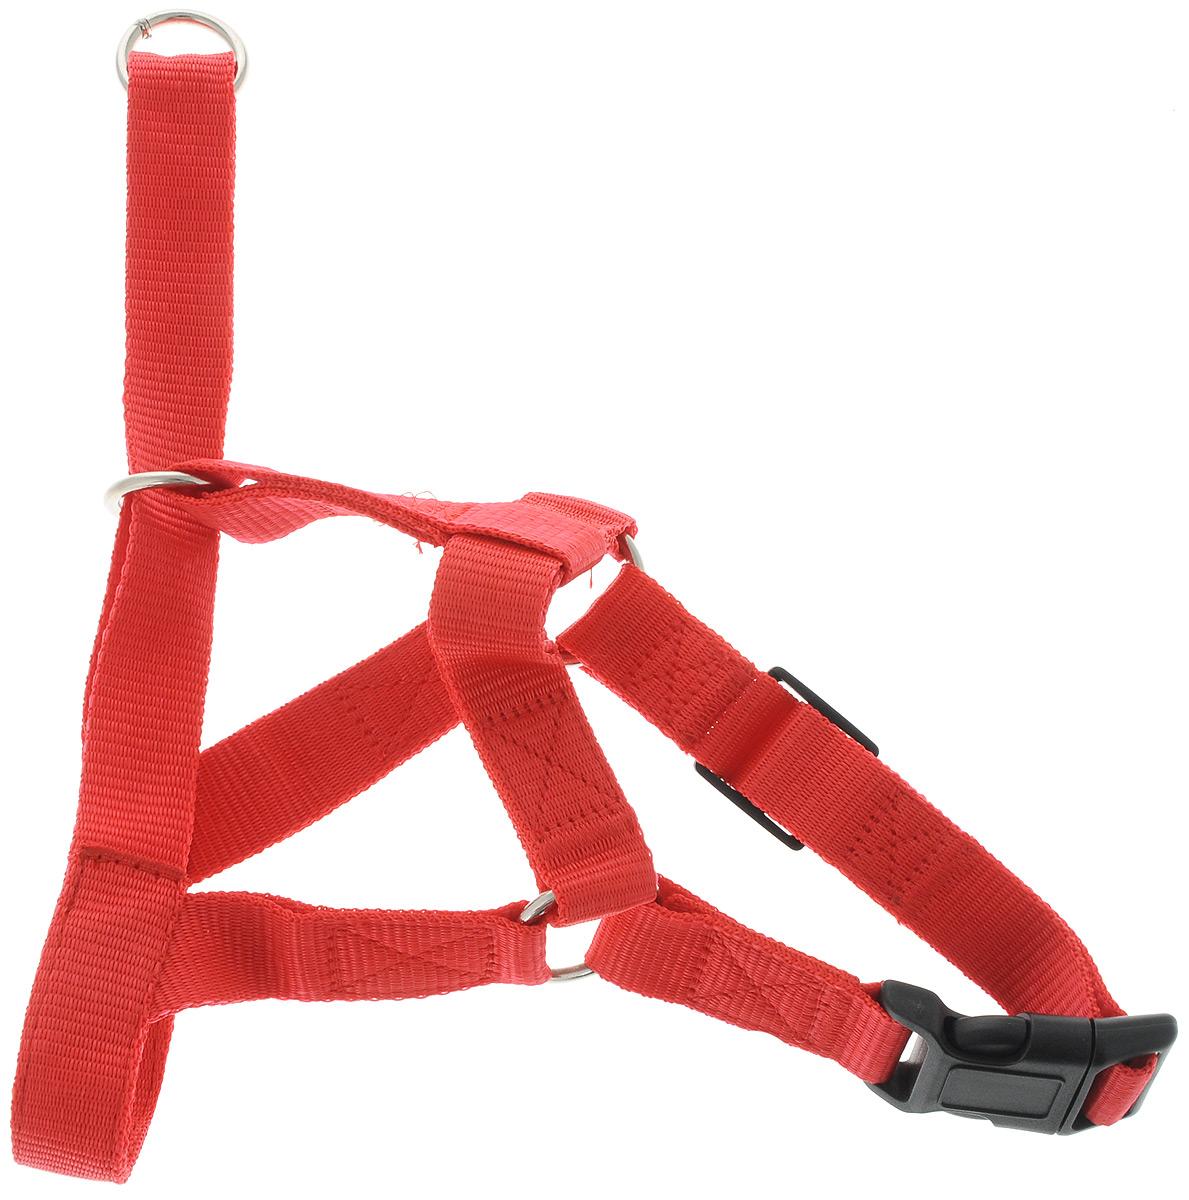 Недоуздок для собак Yami-Yami, ширина 2,5 см, обхват шеи 46-55 см0120710Недоуздок Yami-Yami - отличный и безопасный способ коррекции поведения вашей собаки. Надежно закрепляясь на морде, недоуздок фиксирует пасть, не давая собаки возможности кусаться. Использование недоуздка не позволит животному травмировать шею или гортань. Недоуздок хорошо подойдет для непослушных собак и щенков, при помощи недоуздка их смогут выгуливать и дети, и пожилые люди. Применение недоуздка не причиняет собаке дискомфорта, напротив, в нем у нее больше возможности для игр. Также, если недоуздок не затягивать туго, собака сможет в нем даже поесть и попить. Изготовлен из капрона шириной 25 мм, металлические кольца сварены встык, пряжки пластиковые. Предназначен для ежедневного выгула животного. Обхват шеи: 46-55 см.Обхват носа: 21-58 см.Длина нащечного ремня: 10 см.Длина подбородного ремня: 6 см.